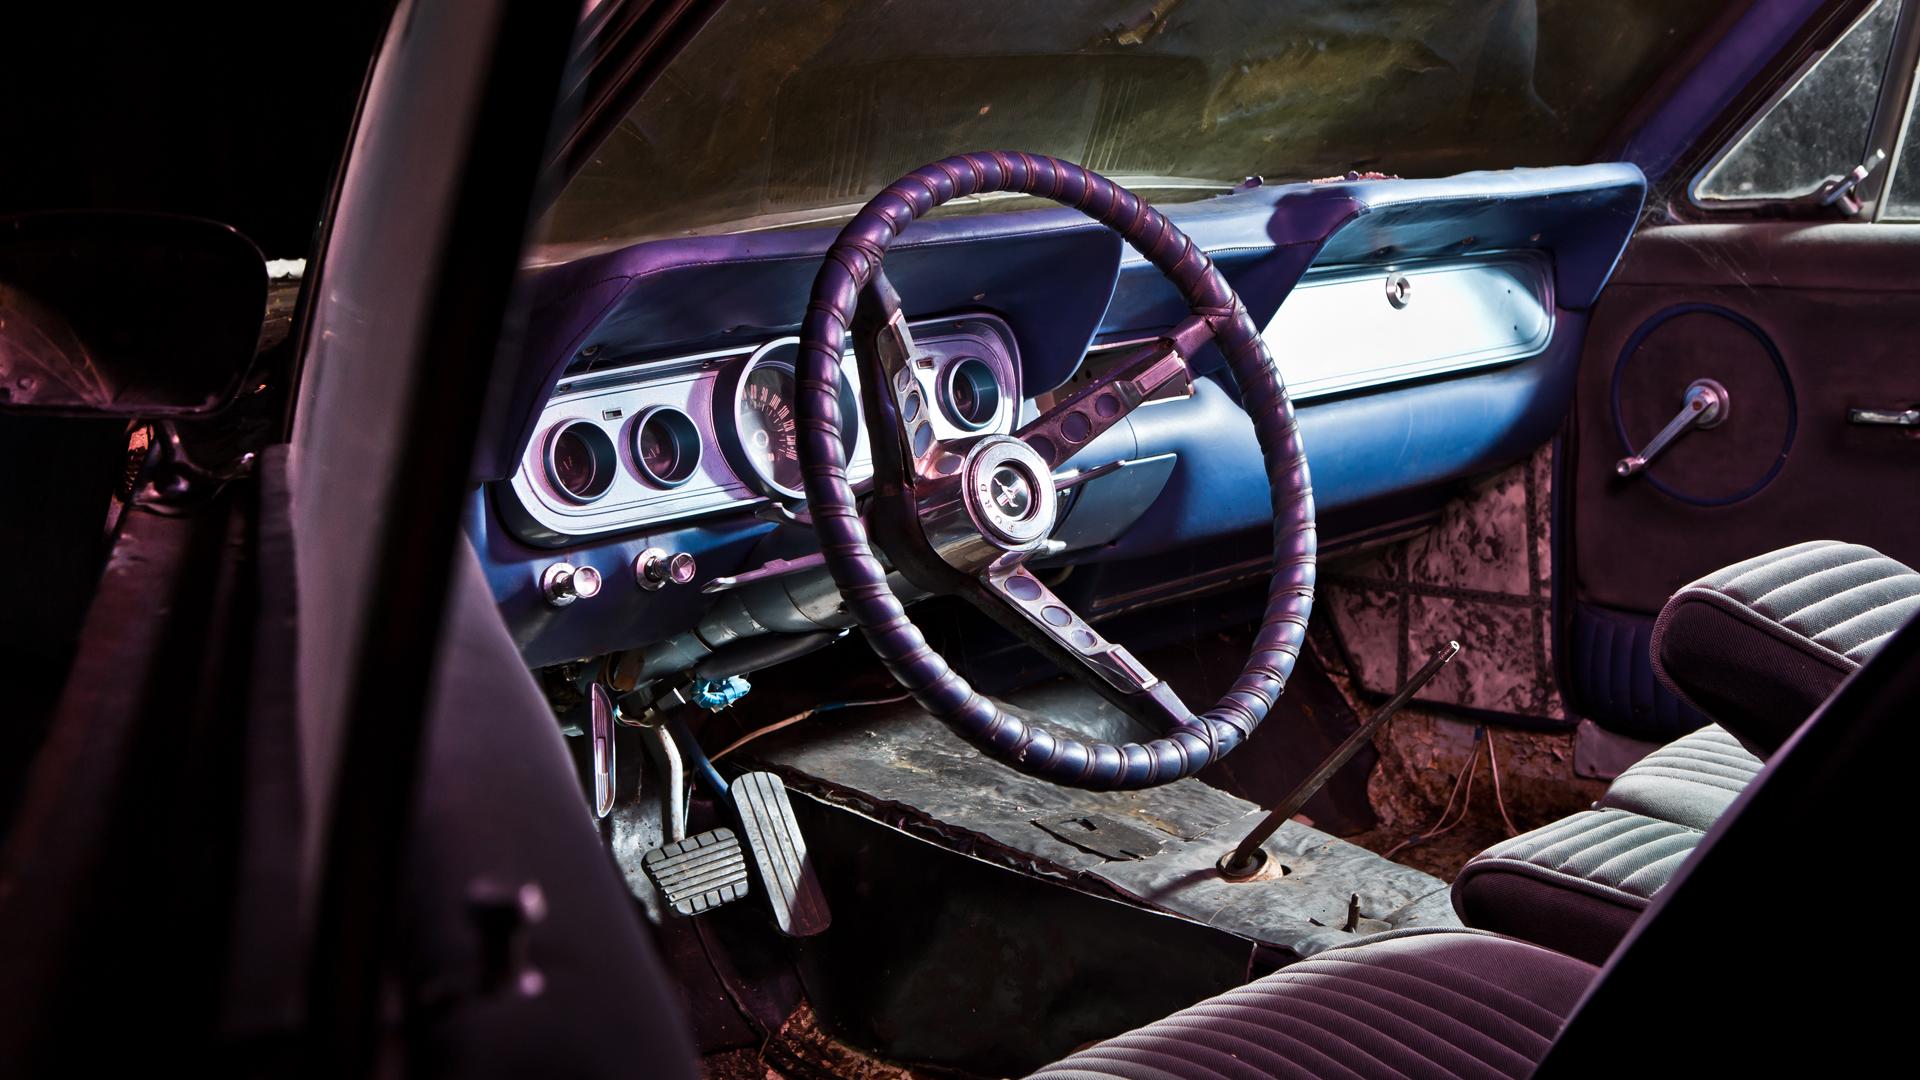 Ford Mustang свнутренностями «Волги» идругие иномарки ссоветской историей. Фото 4